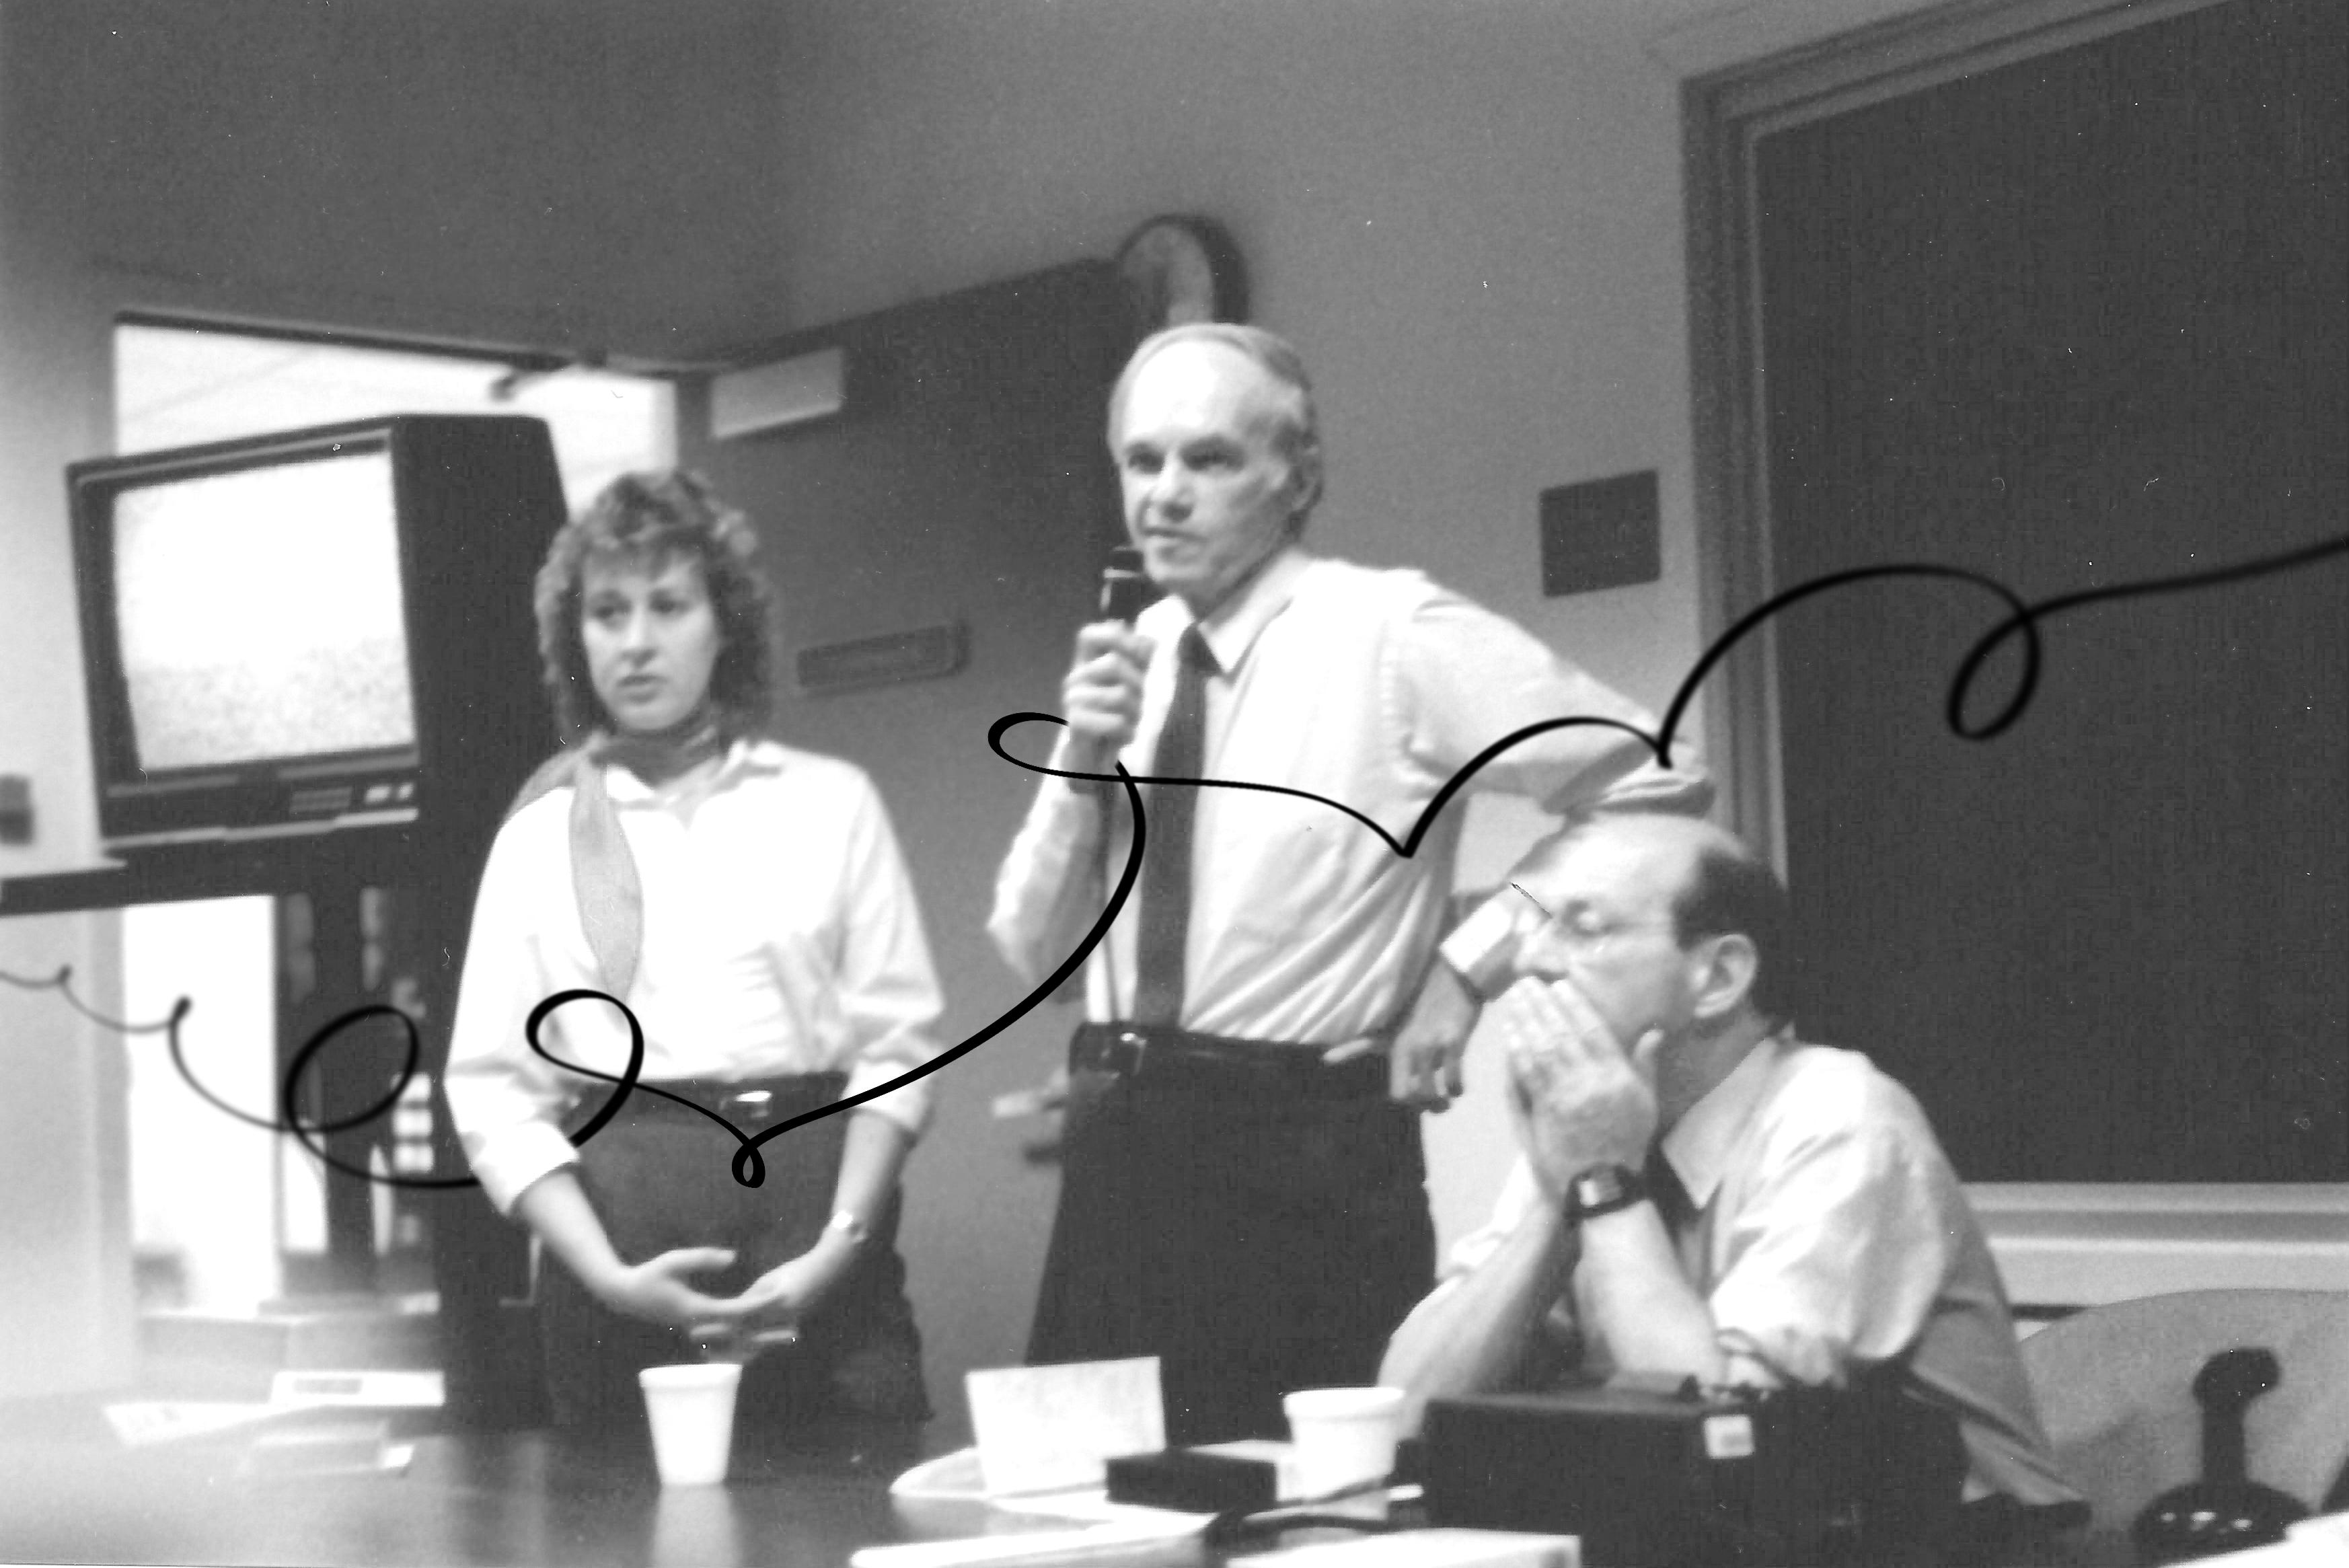 Fundadores del Brief Therapy Center hablando en una conferencia en 1972